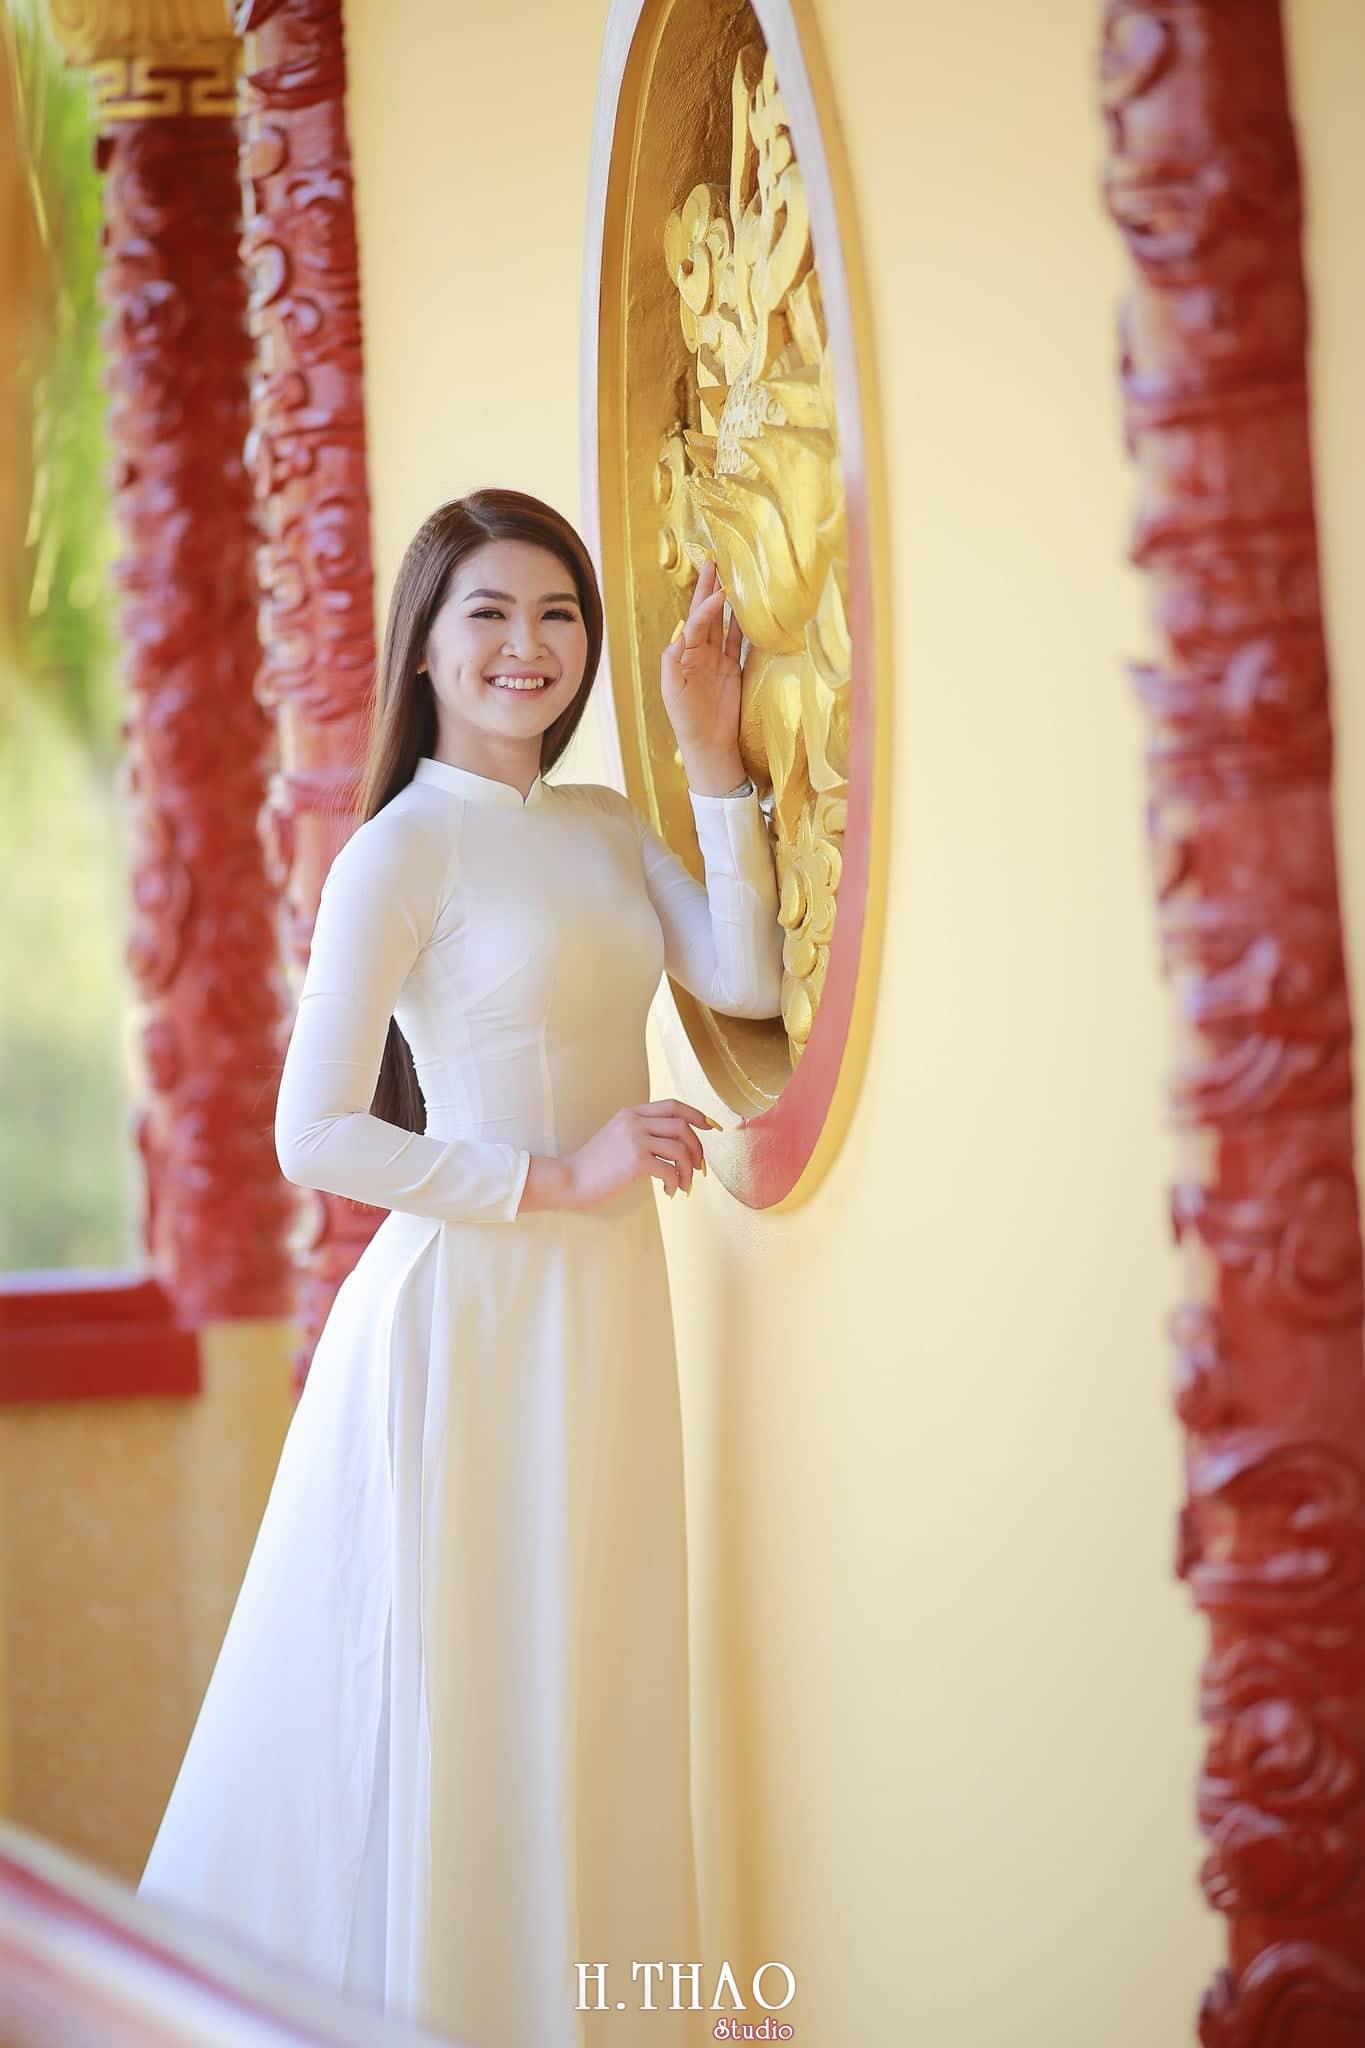 Anh ao dai viet nam 12 - Tổng hợp album áo dài đẹp by HThao Studio